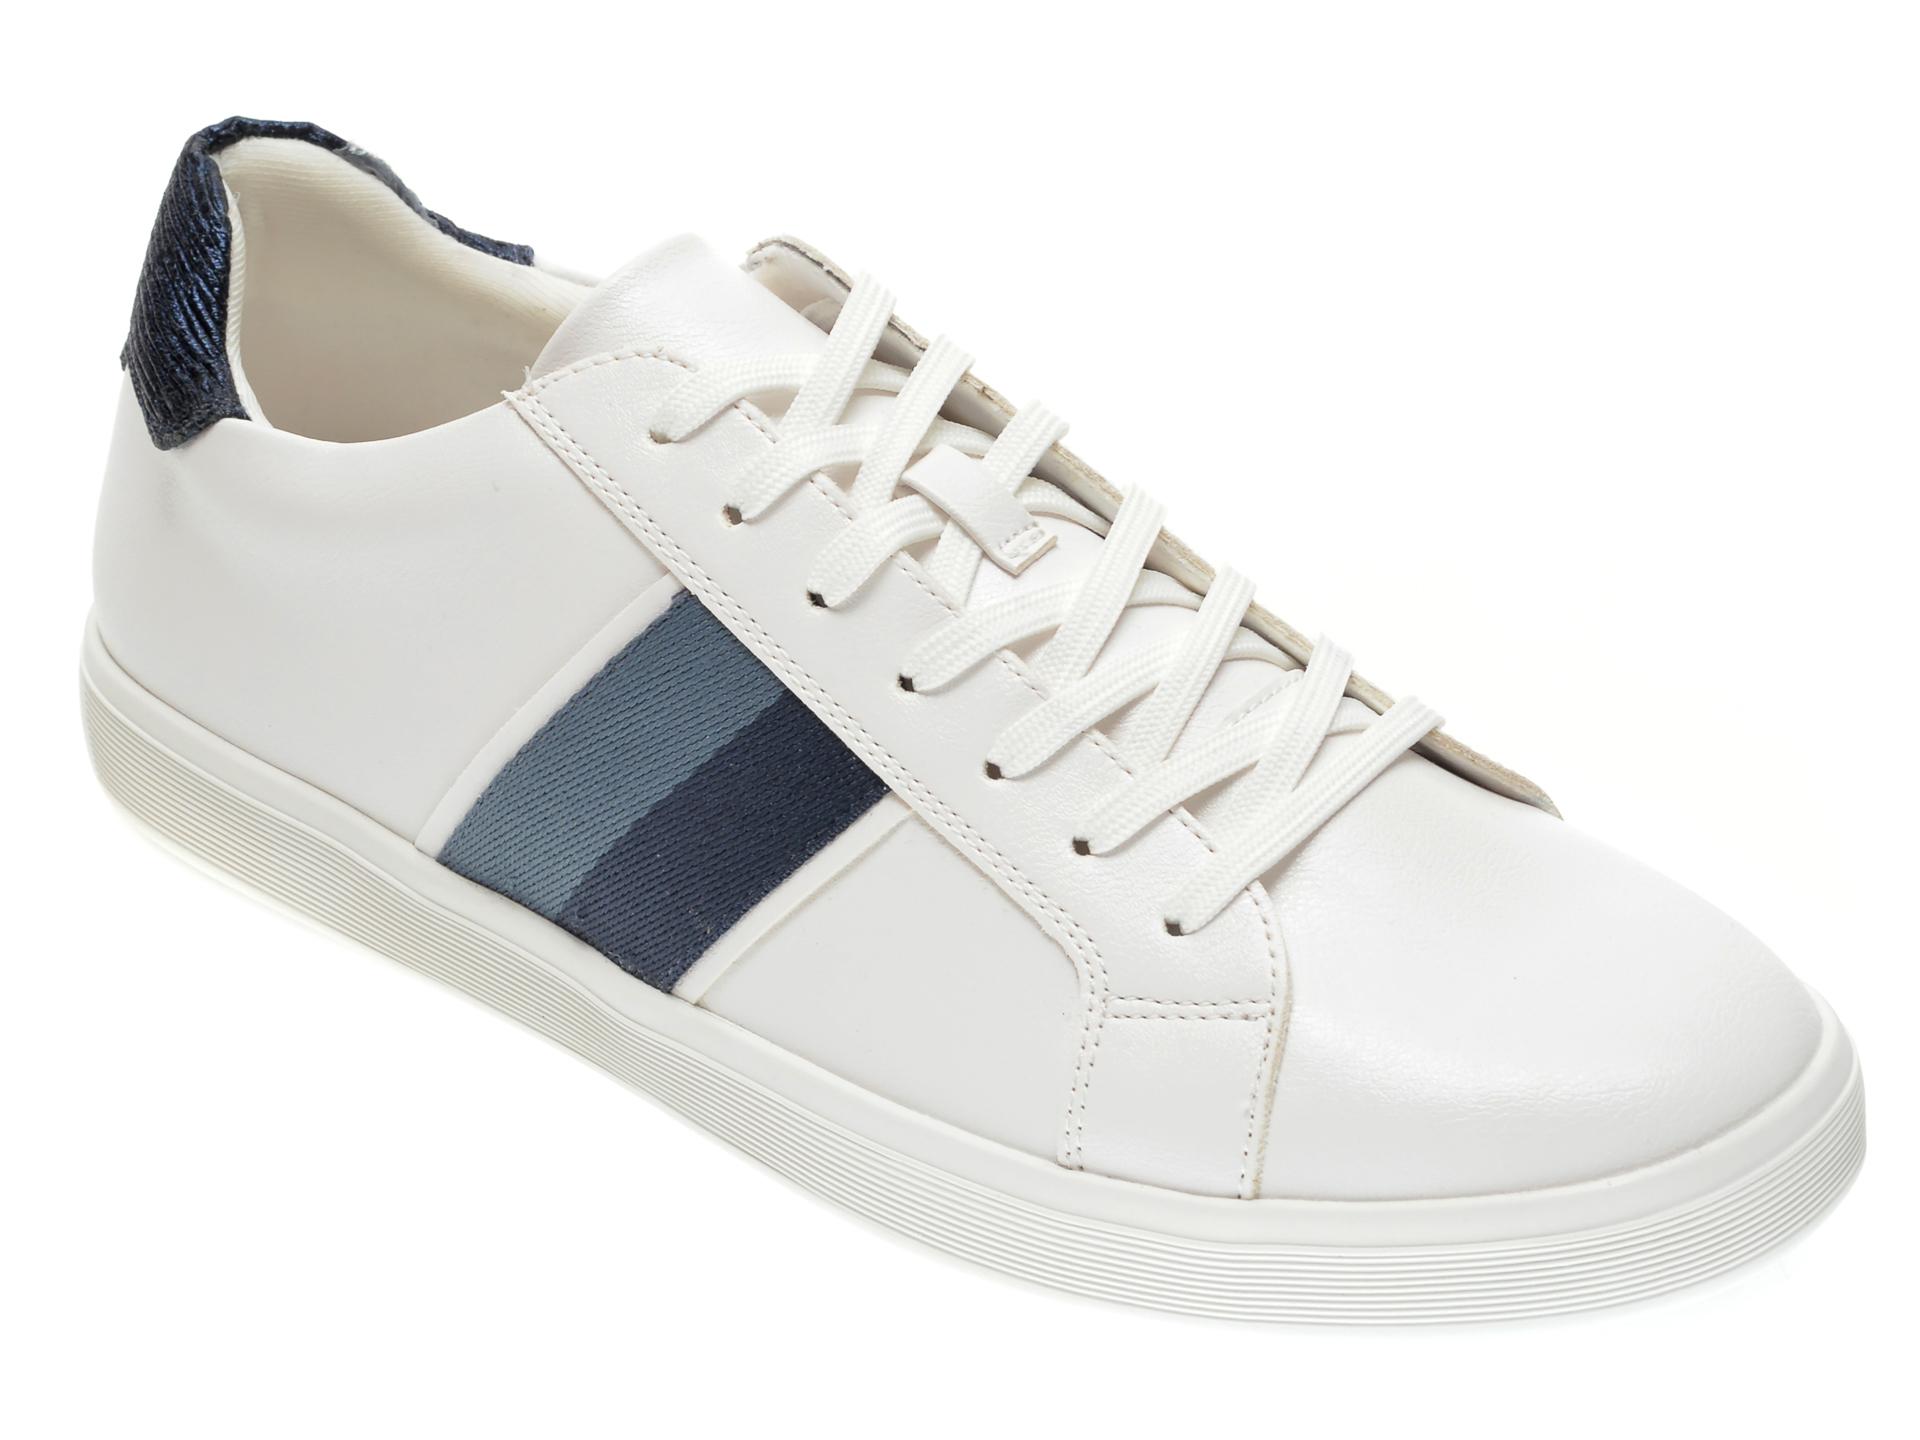 Pantofi sport ALDO albi, Cowien120, din piele ecologica imagine